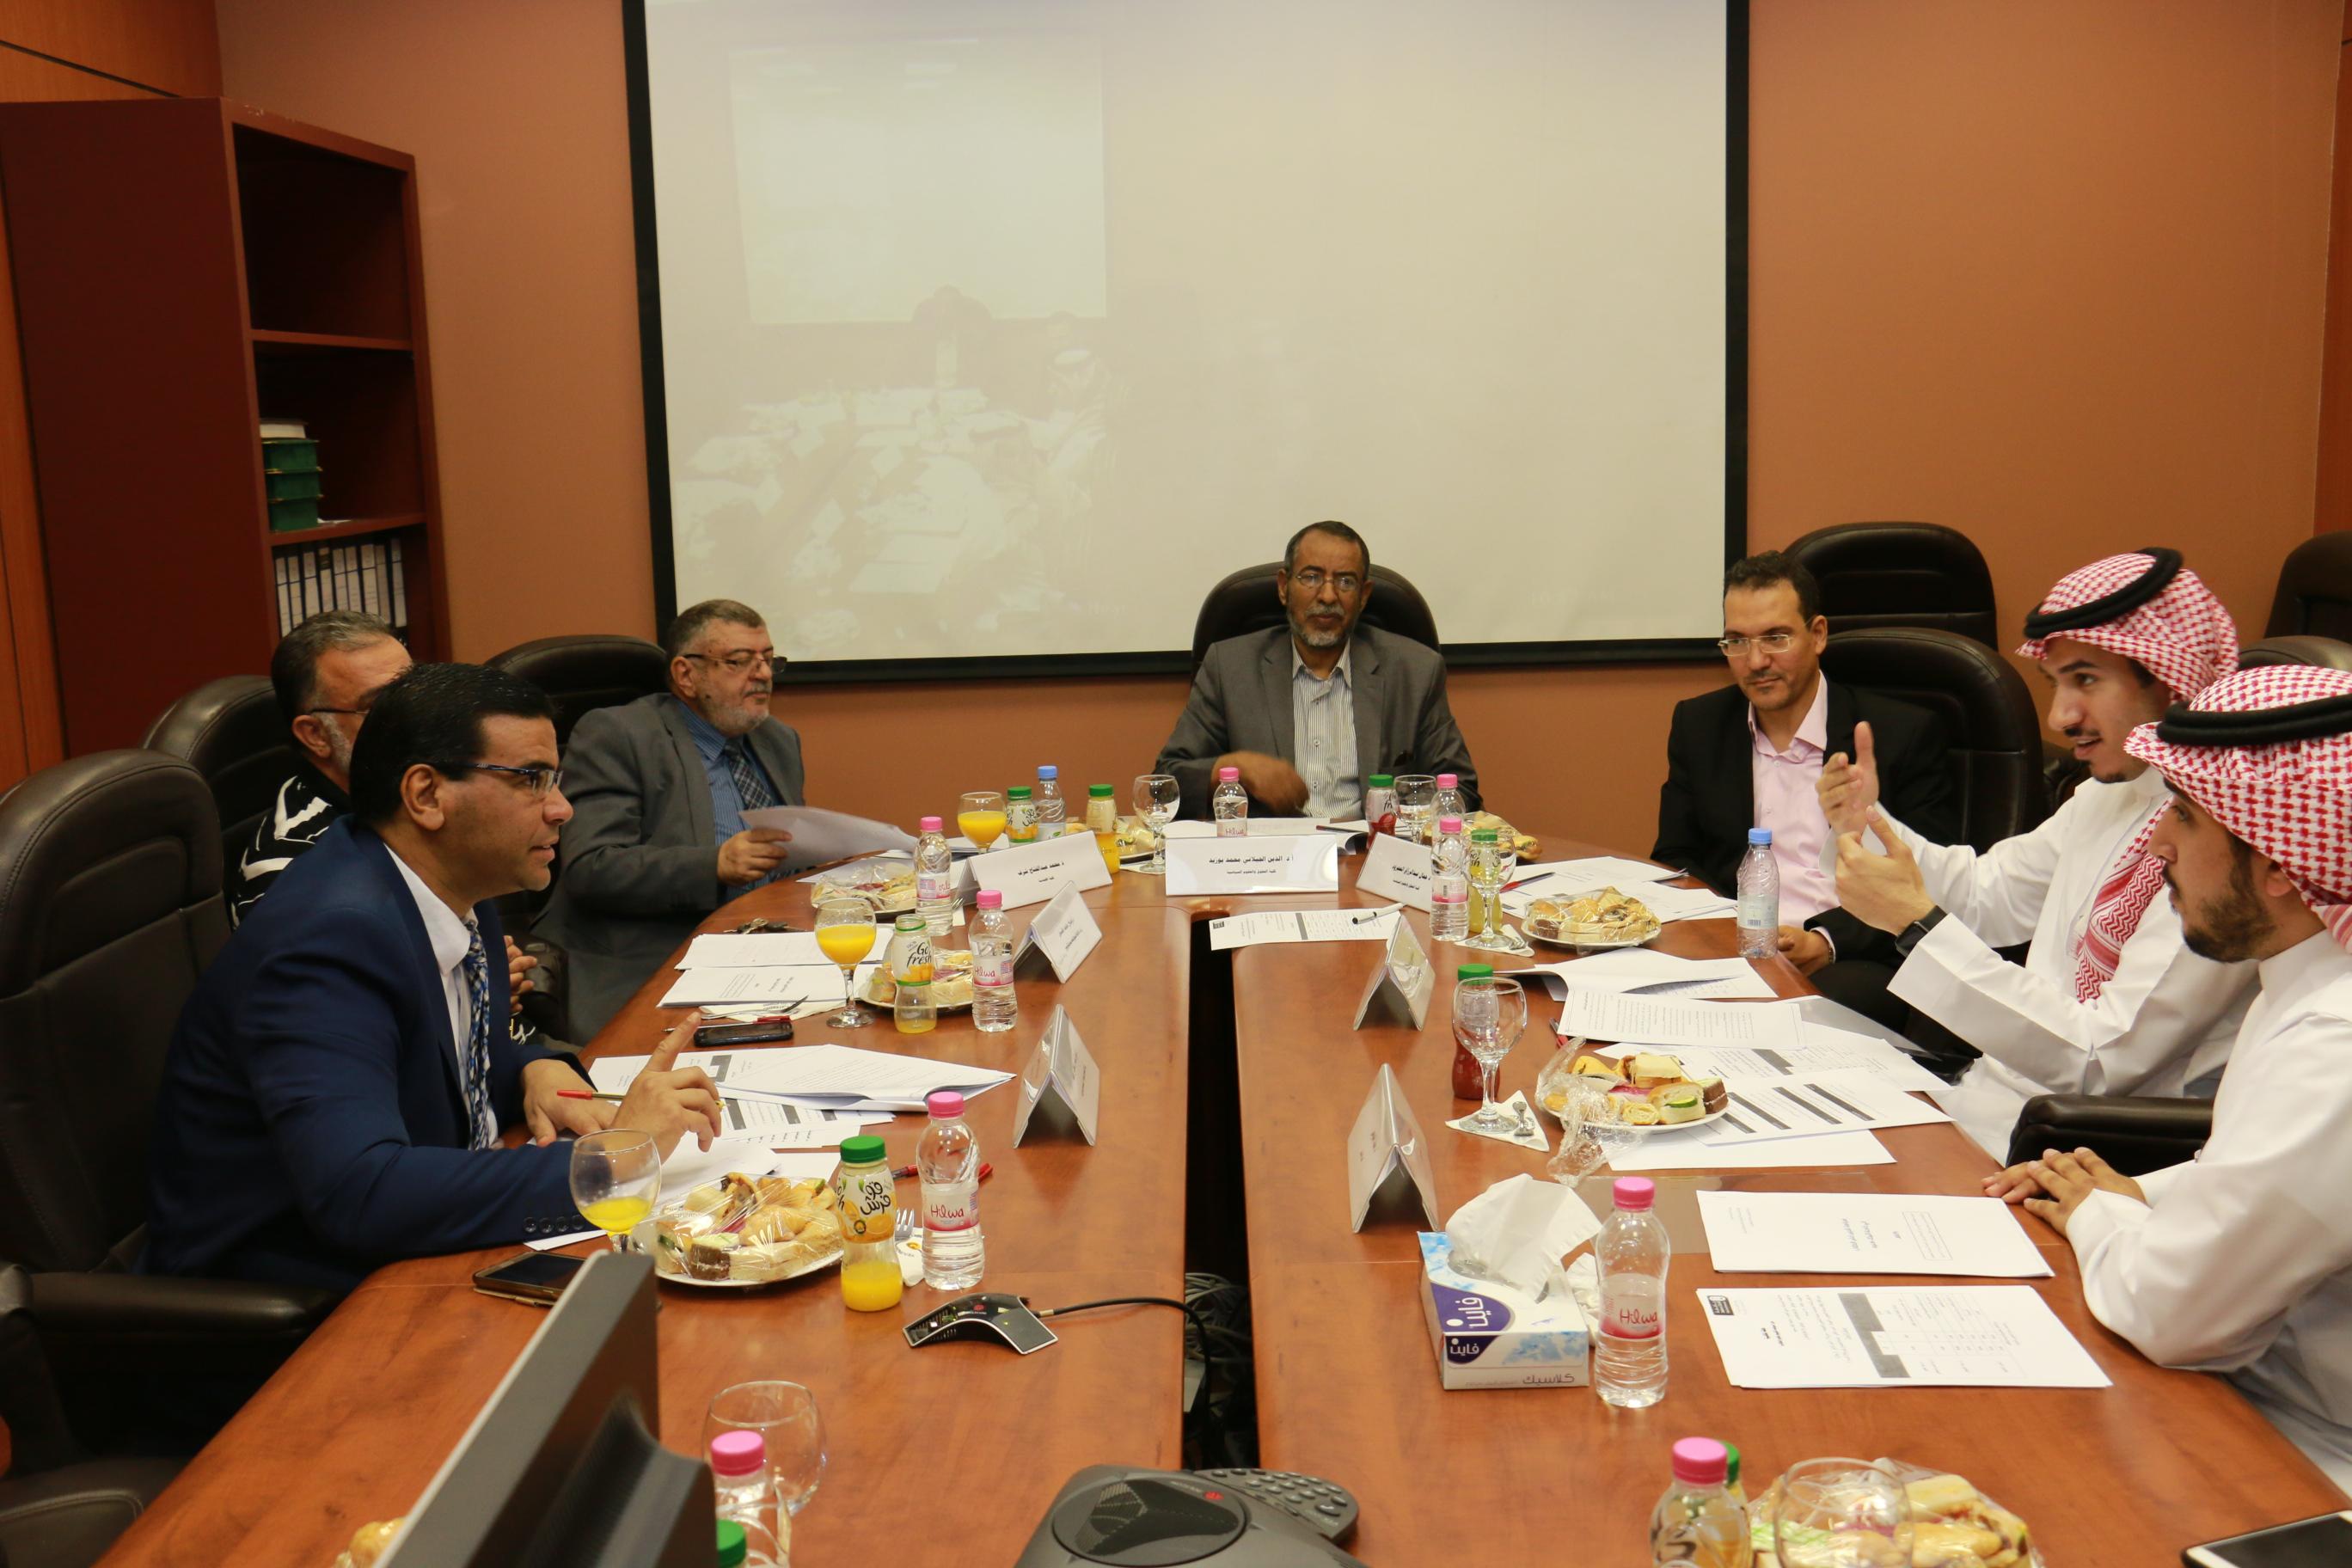 حلقة نقاش لدراسة وتحليل سياسات تقييم تعلم الطلاب بالجامعة